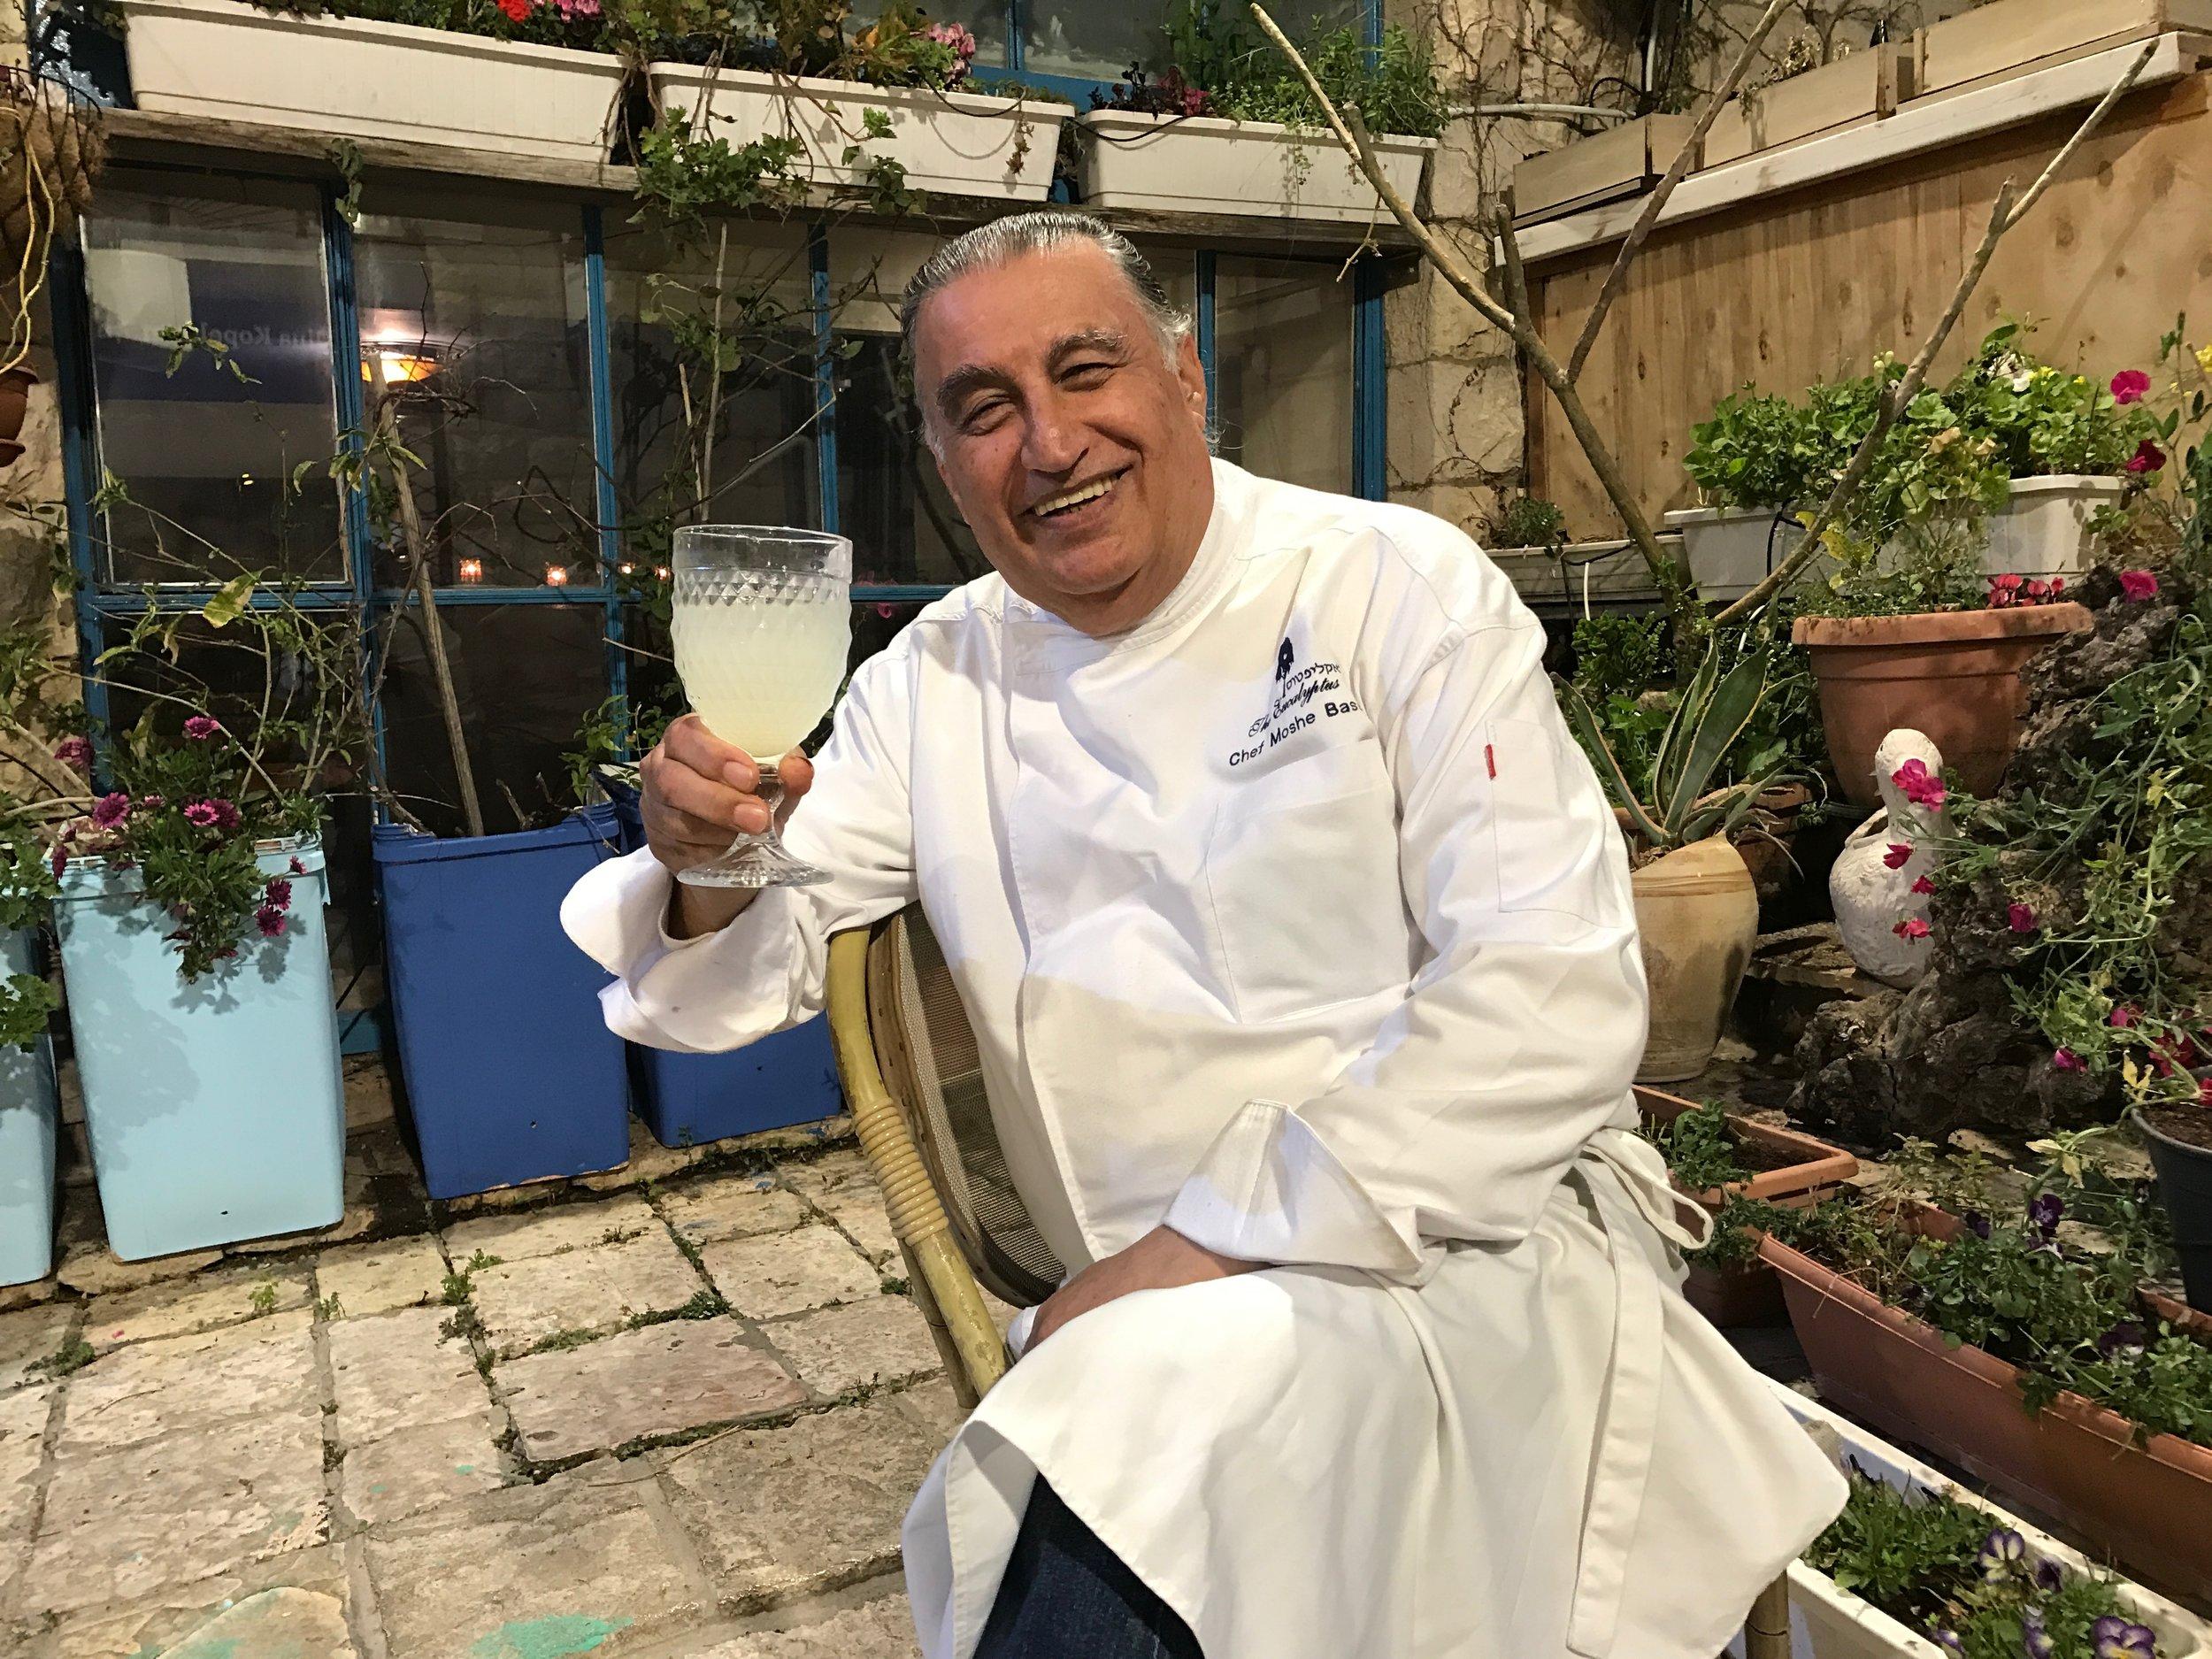 Besitzer und Koch Moshe Basson